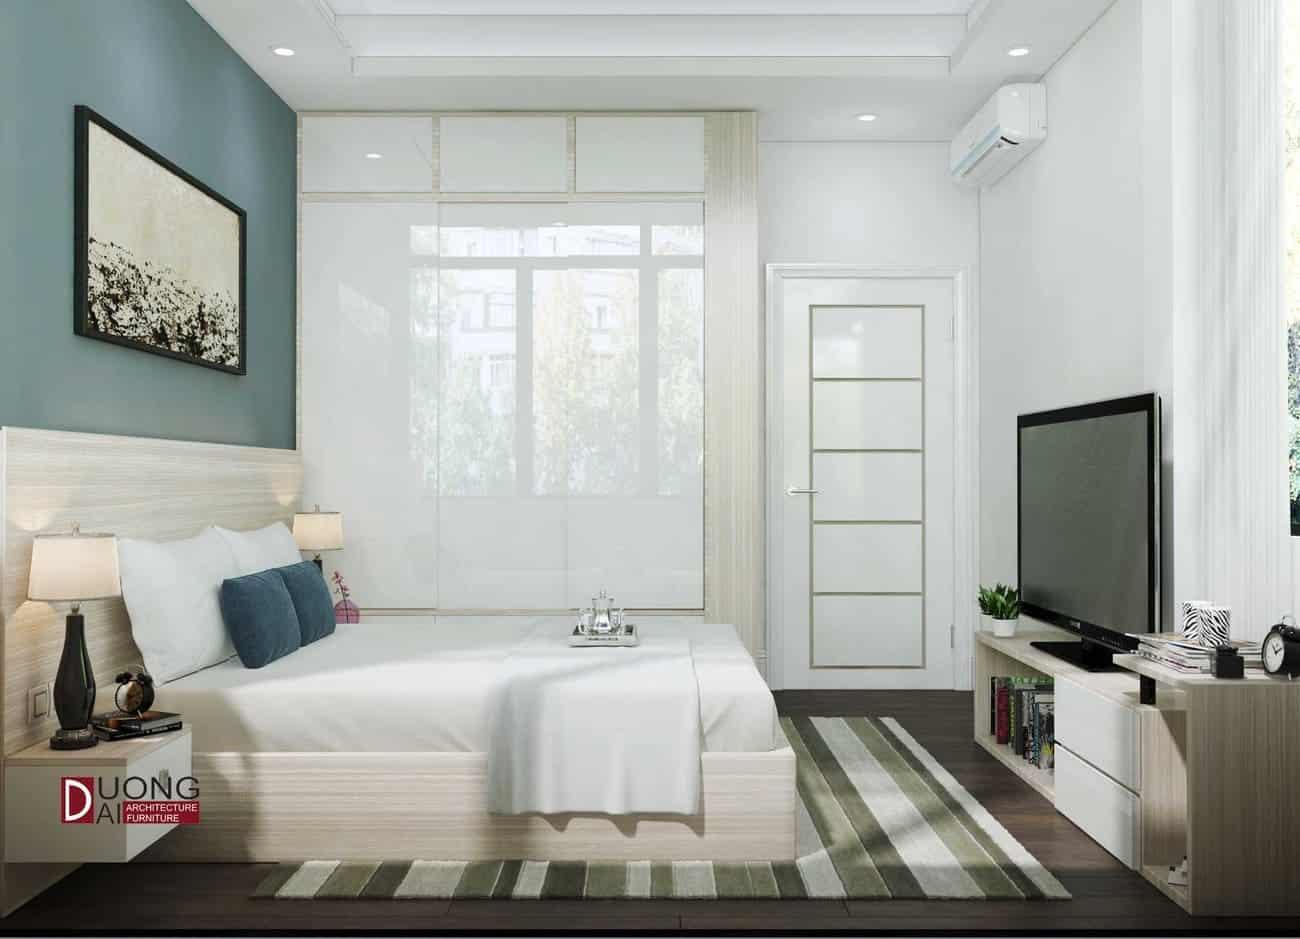 Mẫu phòng ngủ đầy thanh khiết với nội thất màu trắng tinh khôi